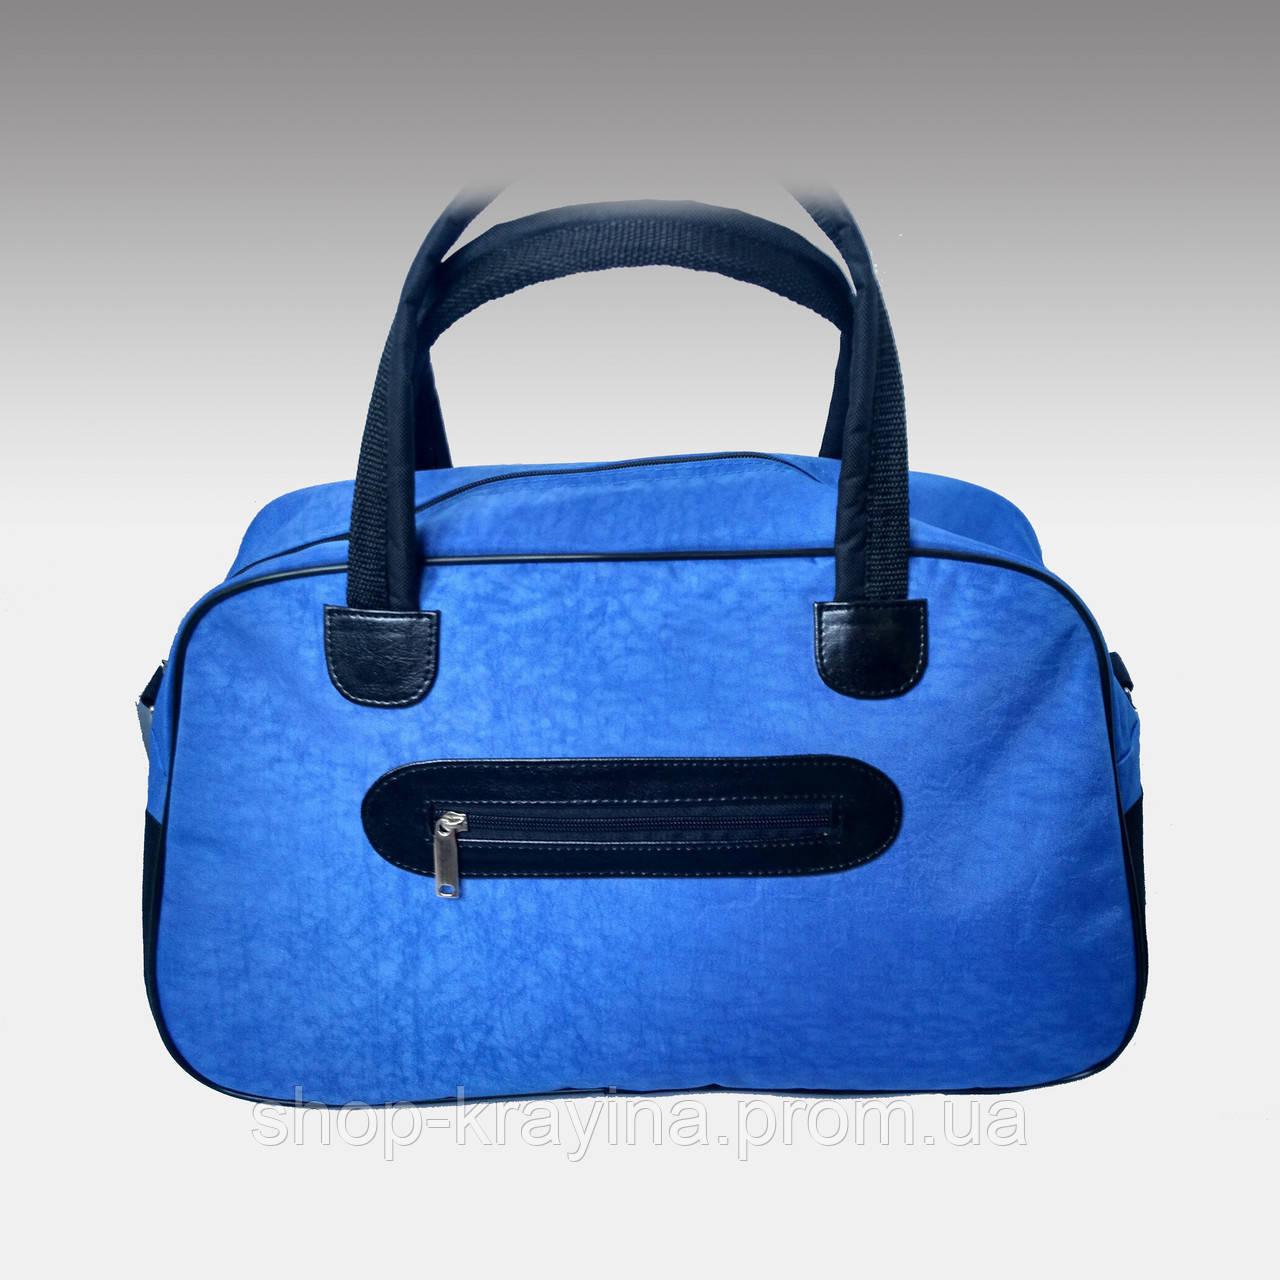 Женская сумка для спорта, 26*46*18 см, синяя